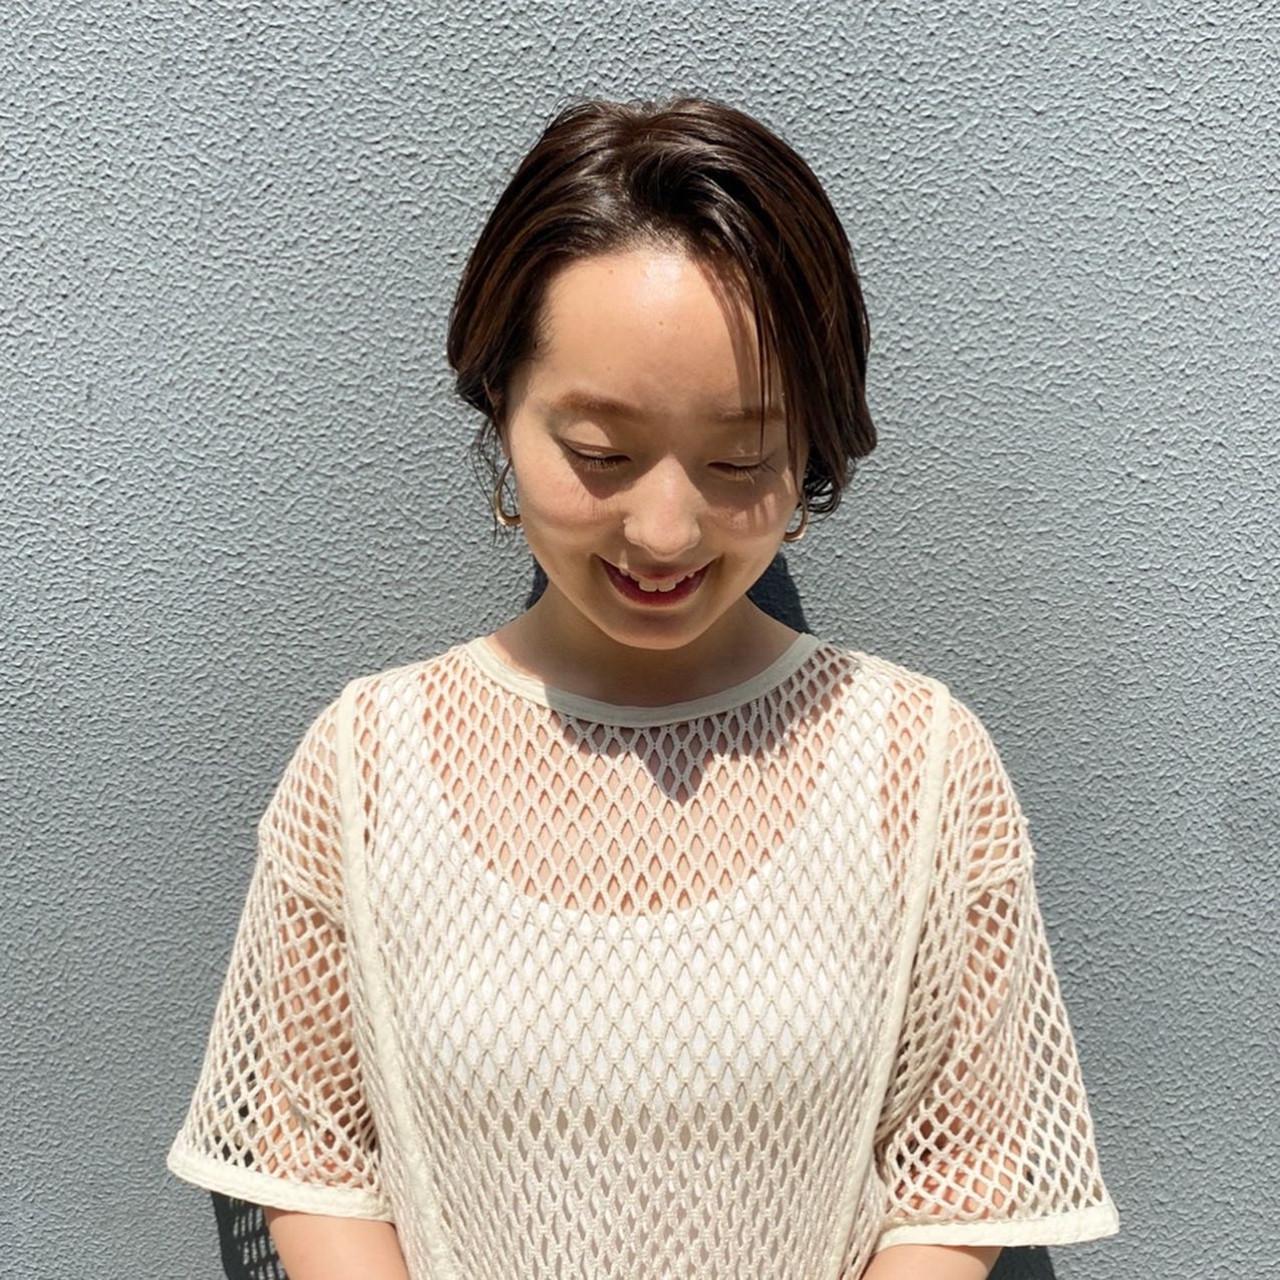 ショートボブ 大人ショート ナチュラル ハンサムショート ヘアスタイルや髪型の写真・画像 | asuka /